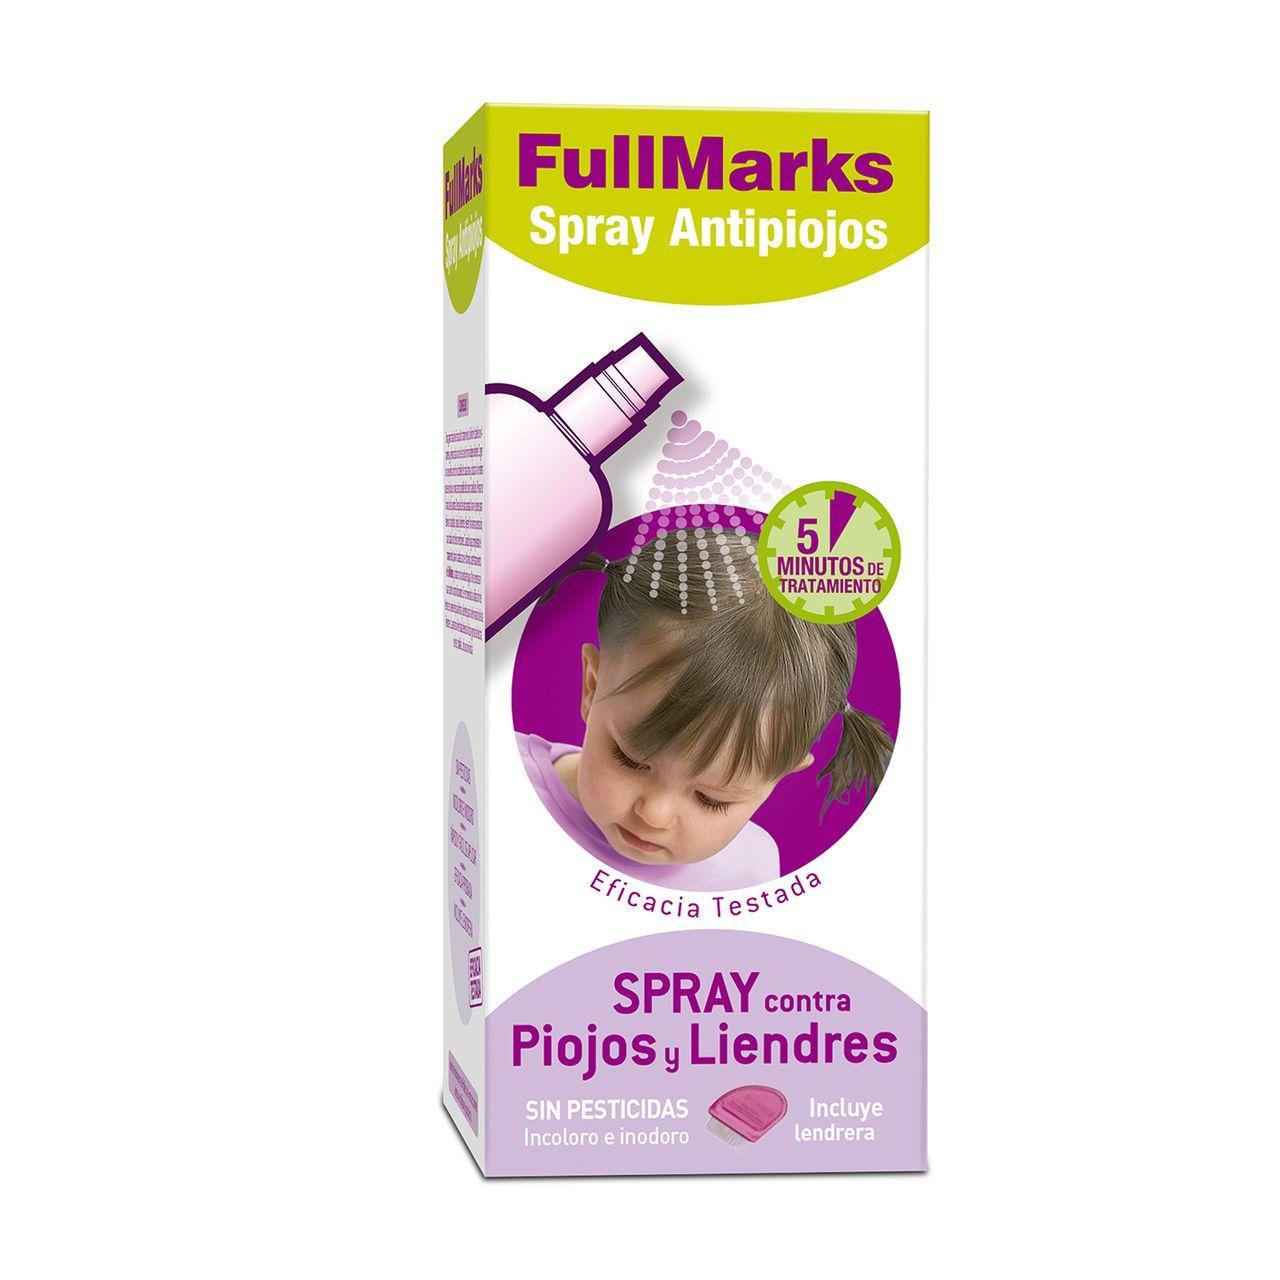 Full Marks Spray Antipiojos